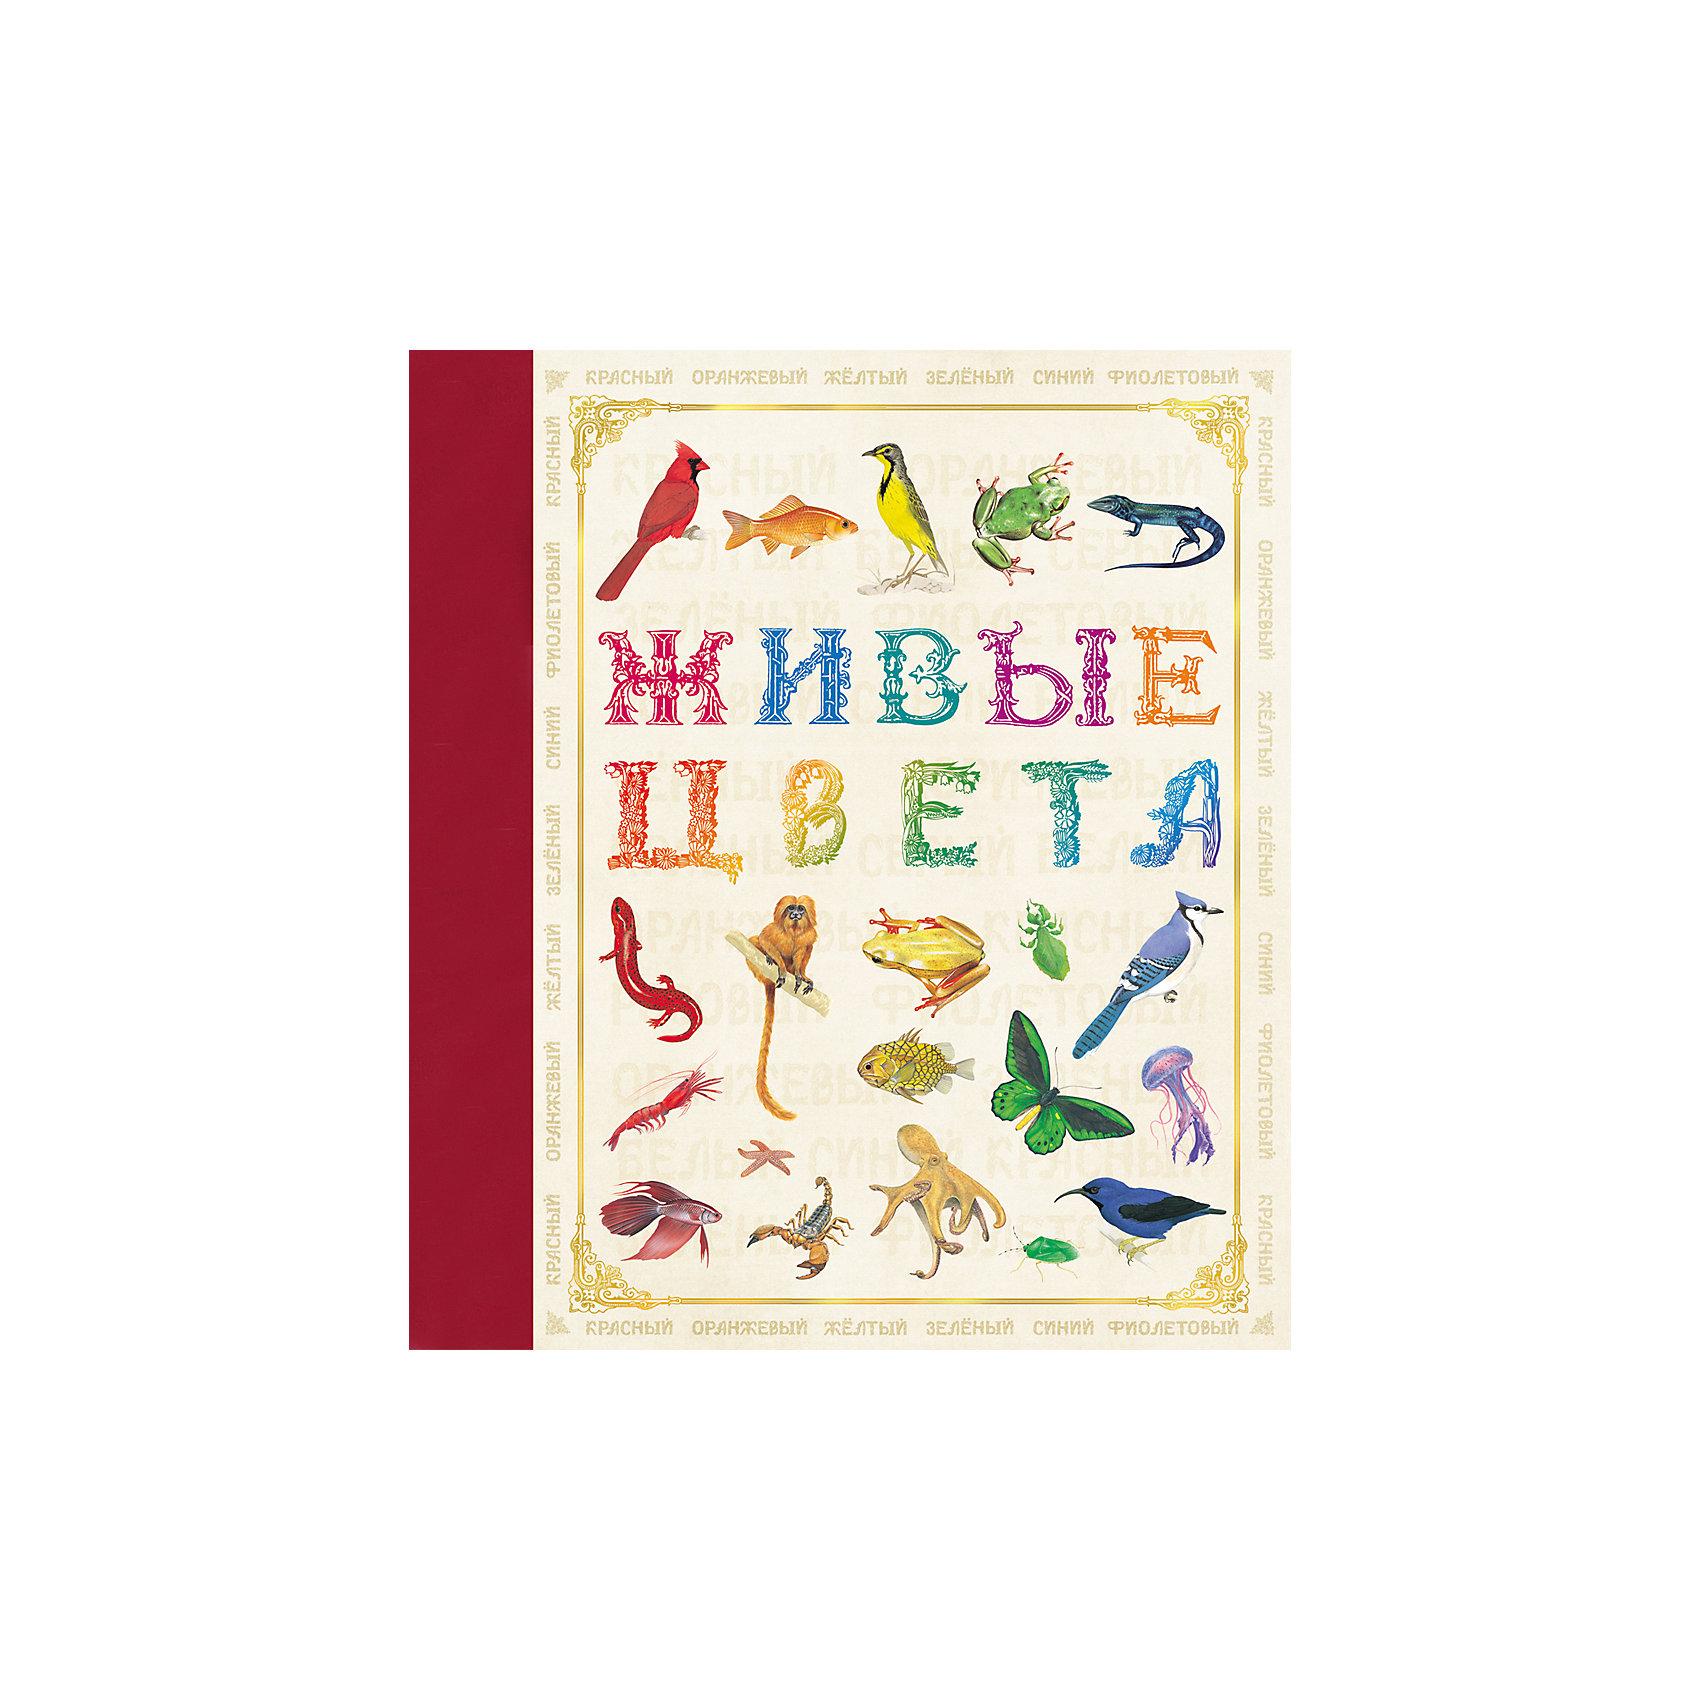 Живые цветаХарактеристики товара:<br><br>- цвет: разноцветный;<br>- материал: бумага;<br>- страниц: 32;<br>- формат: 24 х 21 см;<br>- обложка: твердая;<br>- цветные иллюстрации.<br><br>Эта интересная книга с иллюстрациями станет отличным подарком для ребенка. Она содержит в себе яркие картинки, которые помогут малышам познакомиться со многими животными, а также пояснения к ним. Плюс - малыш сможет легко освоить разные цвета. В книге - море полезной информации для ребенка!<br>Чтение и рассматривание картинок помогает ребенку развивать зрительную память, концентрацию внимания и воображение. Издание произведено из качественных материалов, которые безопасны даже для самых маленьких.<br><br>Издание Живые цвета от компании Росмэн можно купить в нашем интернет-магазине.<br><br>Ширина мм: 245<br>Глубина мм: 215<br>Высота мм: 7<br>Вес г: 265<br>Возраст от месяцев: 60<br>Возраст до месяцев: 84<br>Пол: Унисекс<br>Возраст: Детский<br>SKU: 5110169